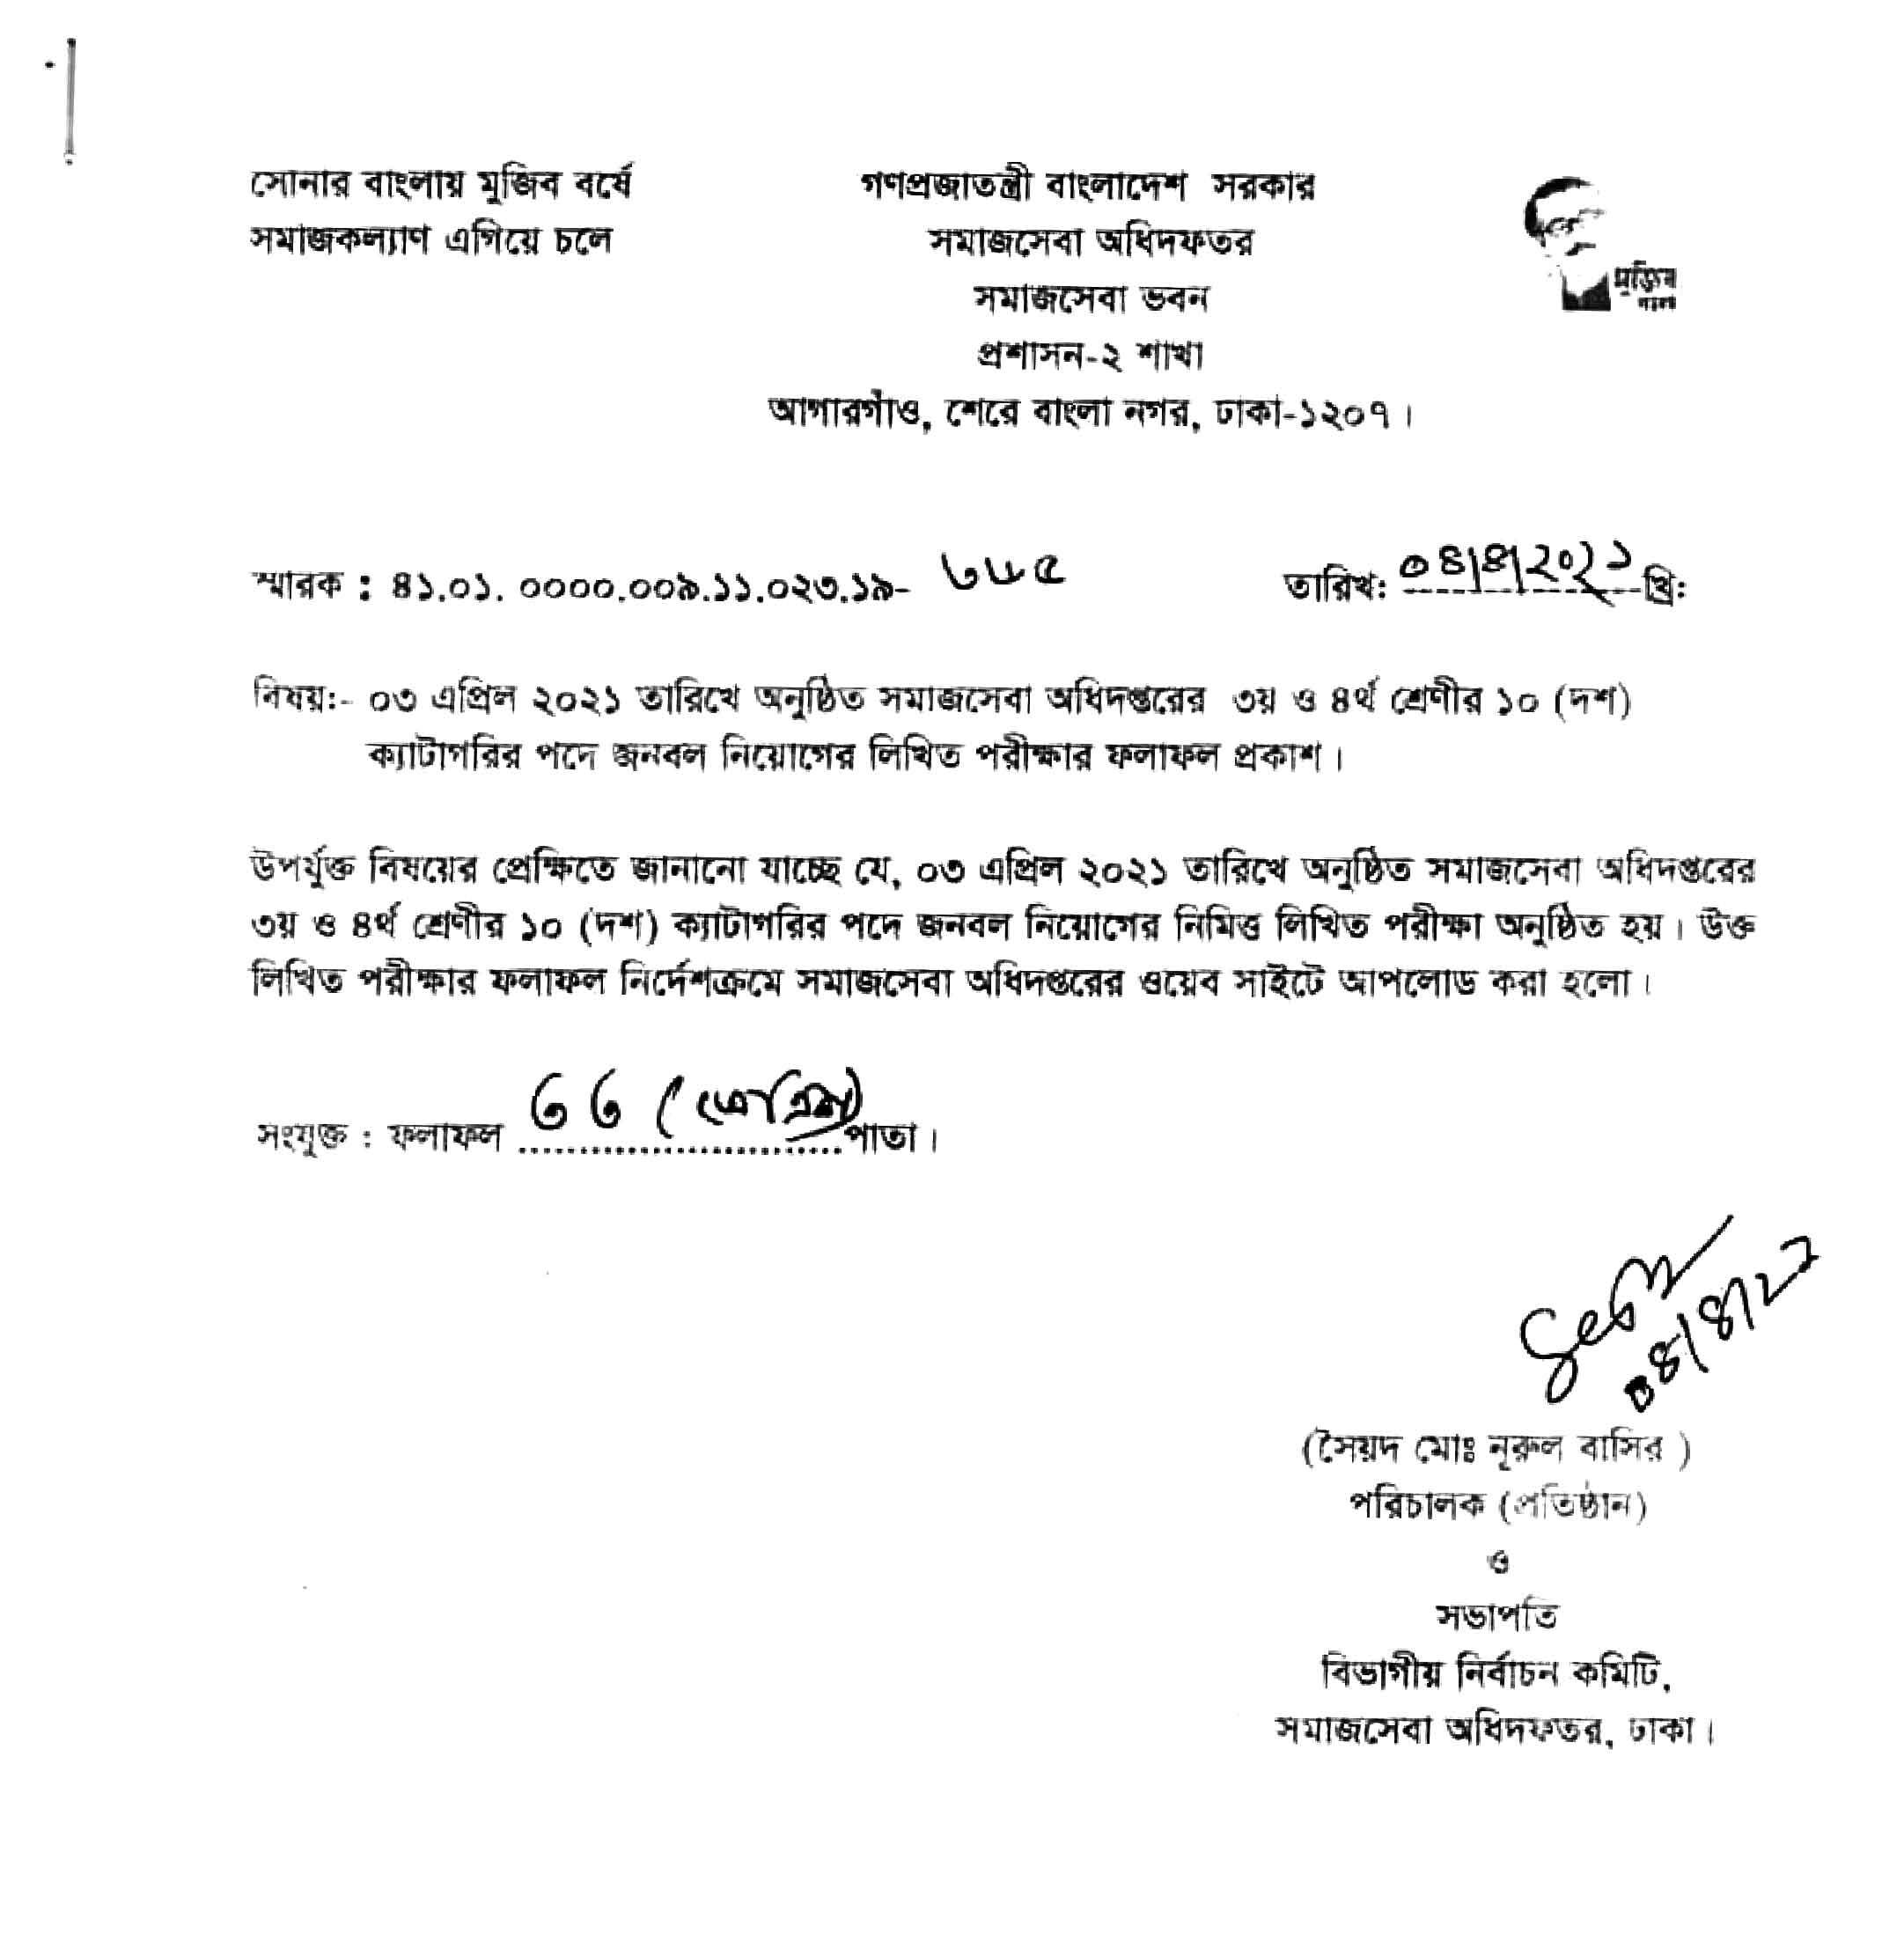 dss-exam-result-notice